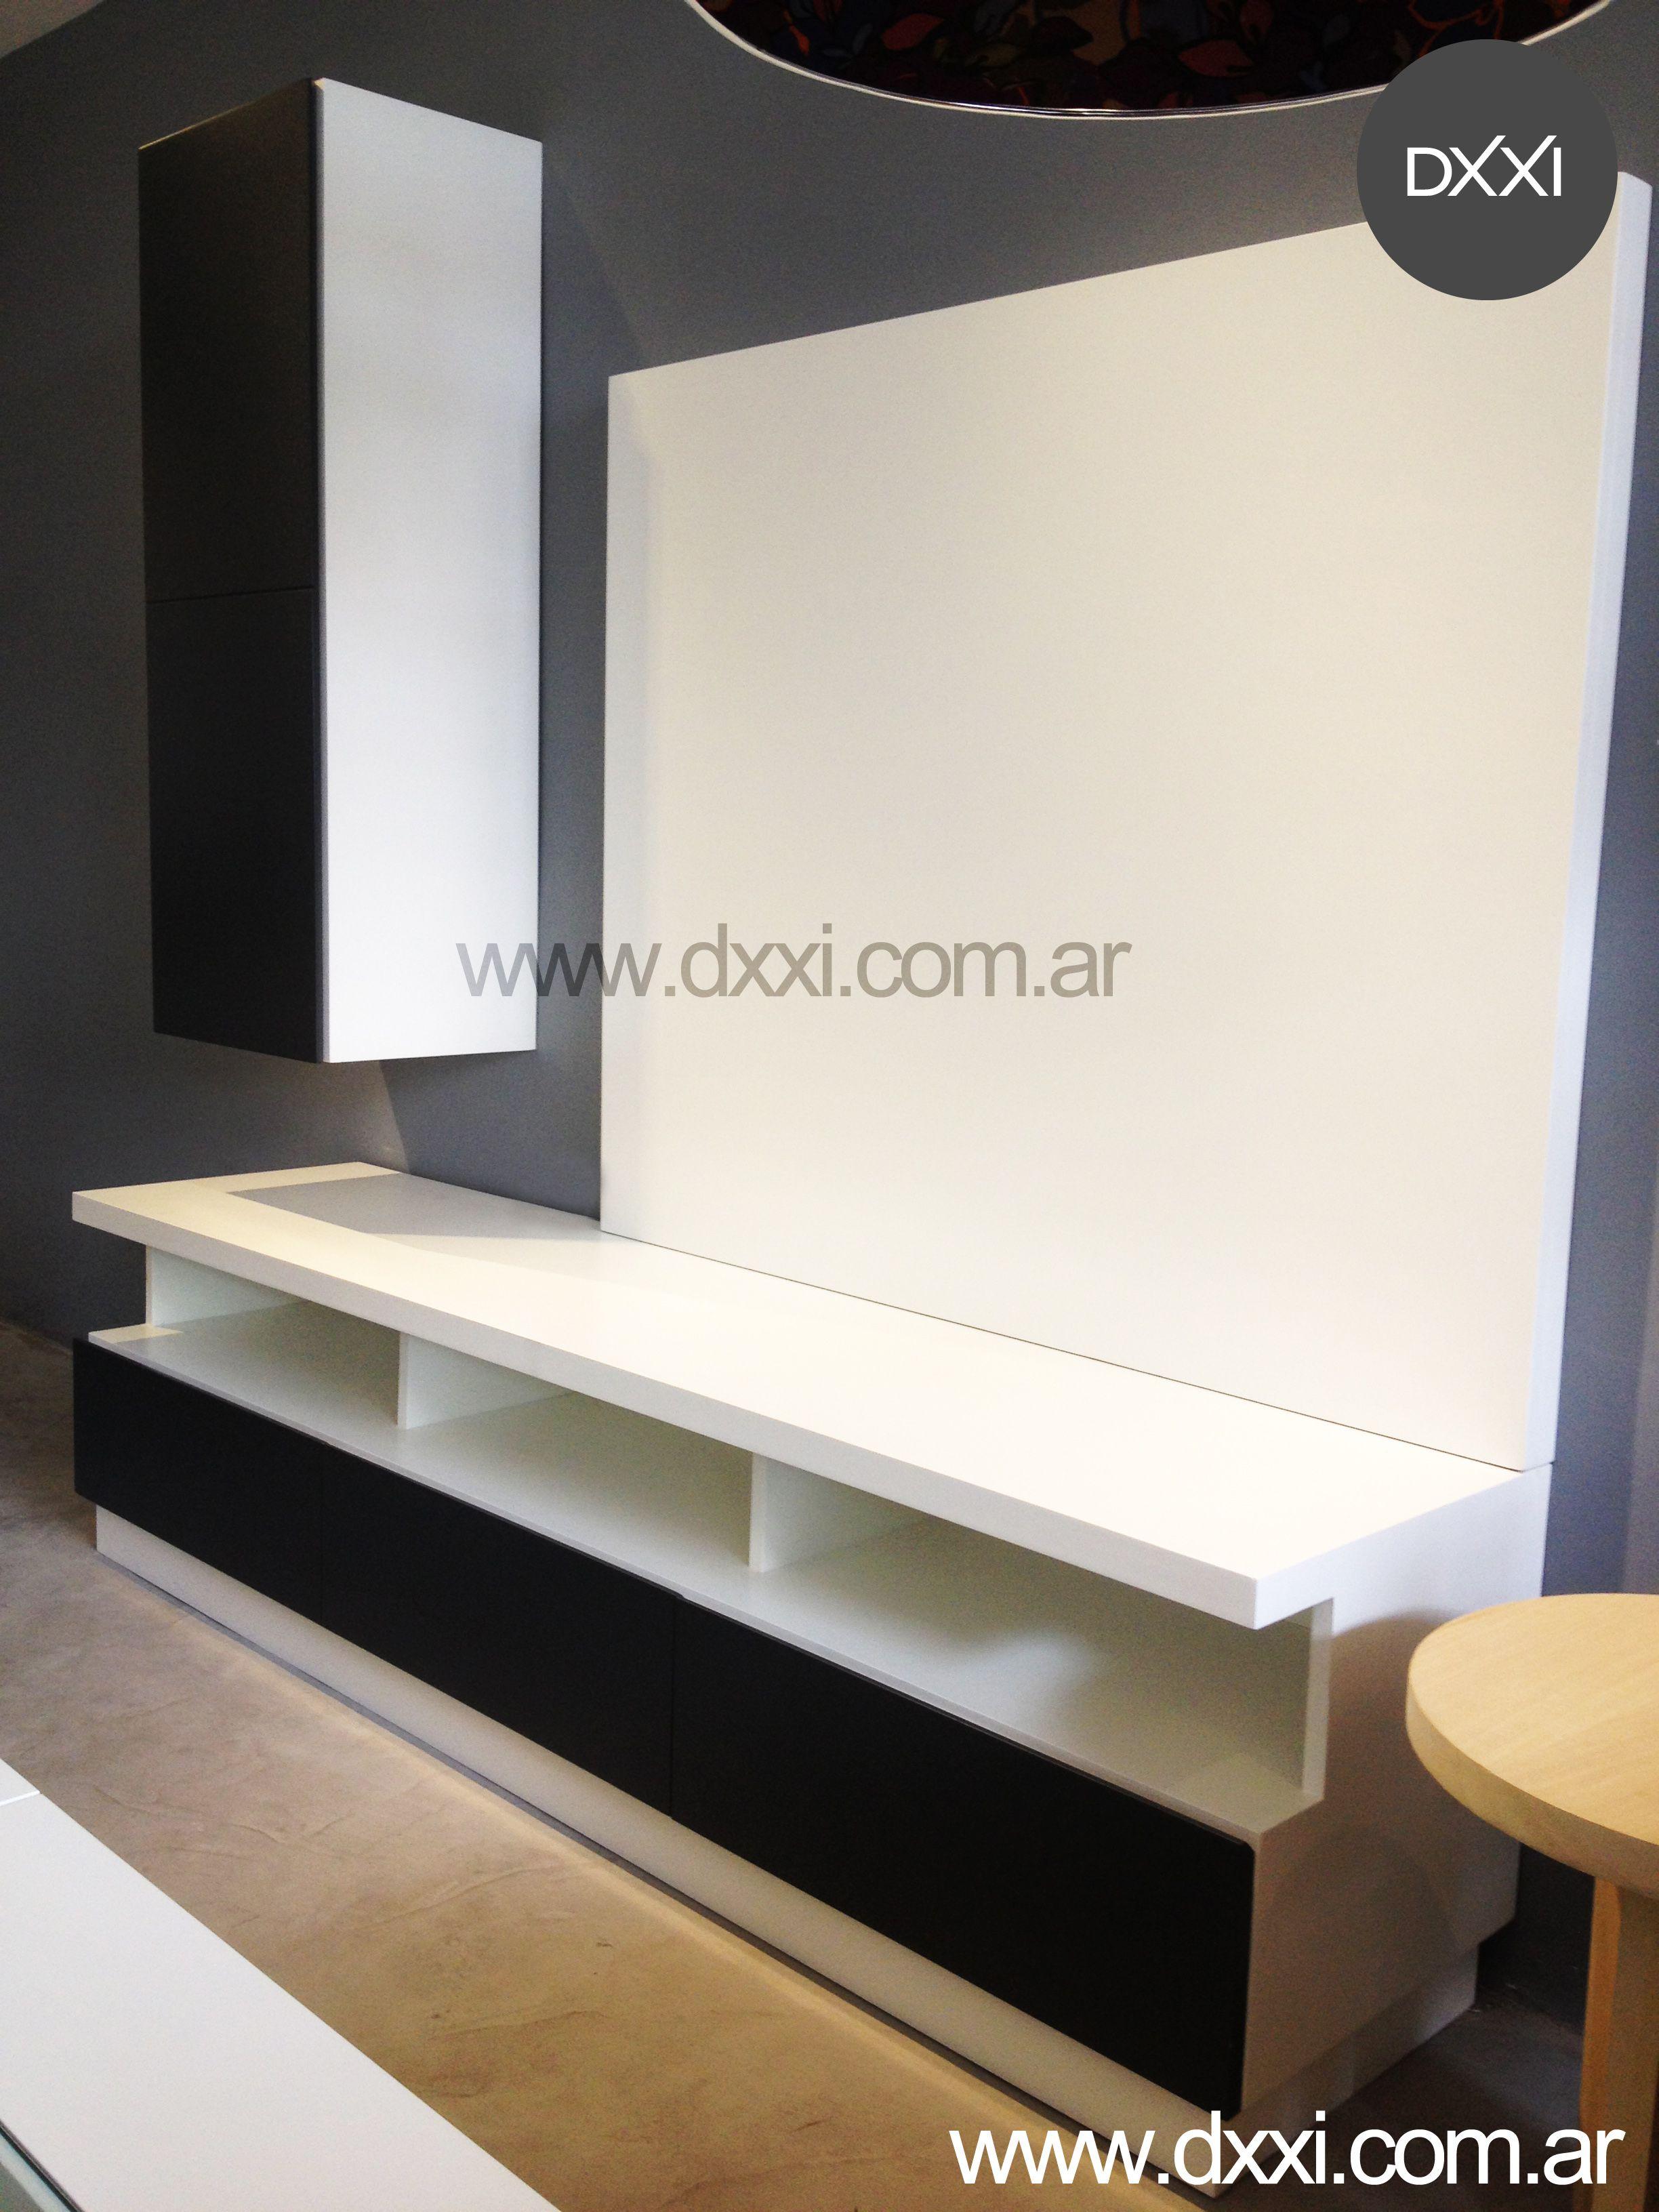 Mueble Para Tv Modelo Lacroze 3 Cajones Con Correderas  # Meuble Tv Design Suisse